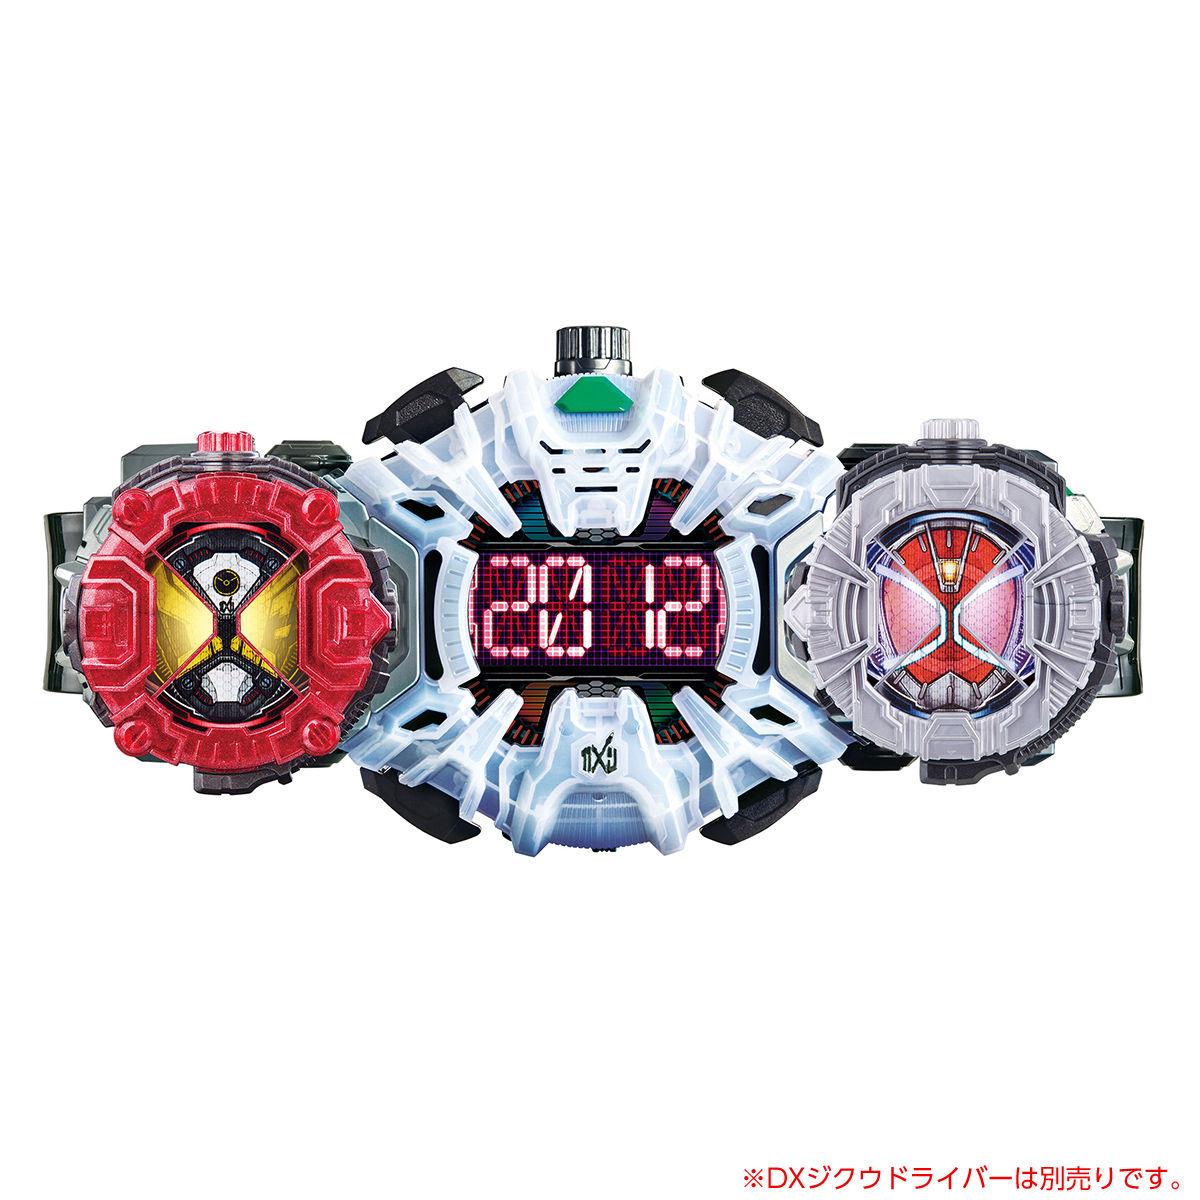 仮面ライダージオウ『DXウィザードライドウォッチ』変身なりきり-004